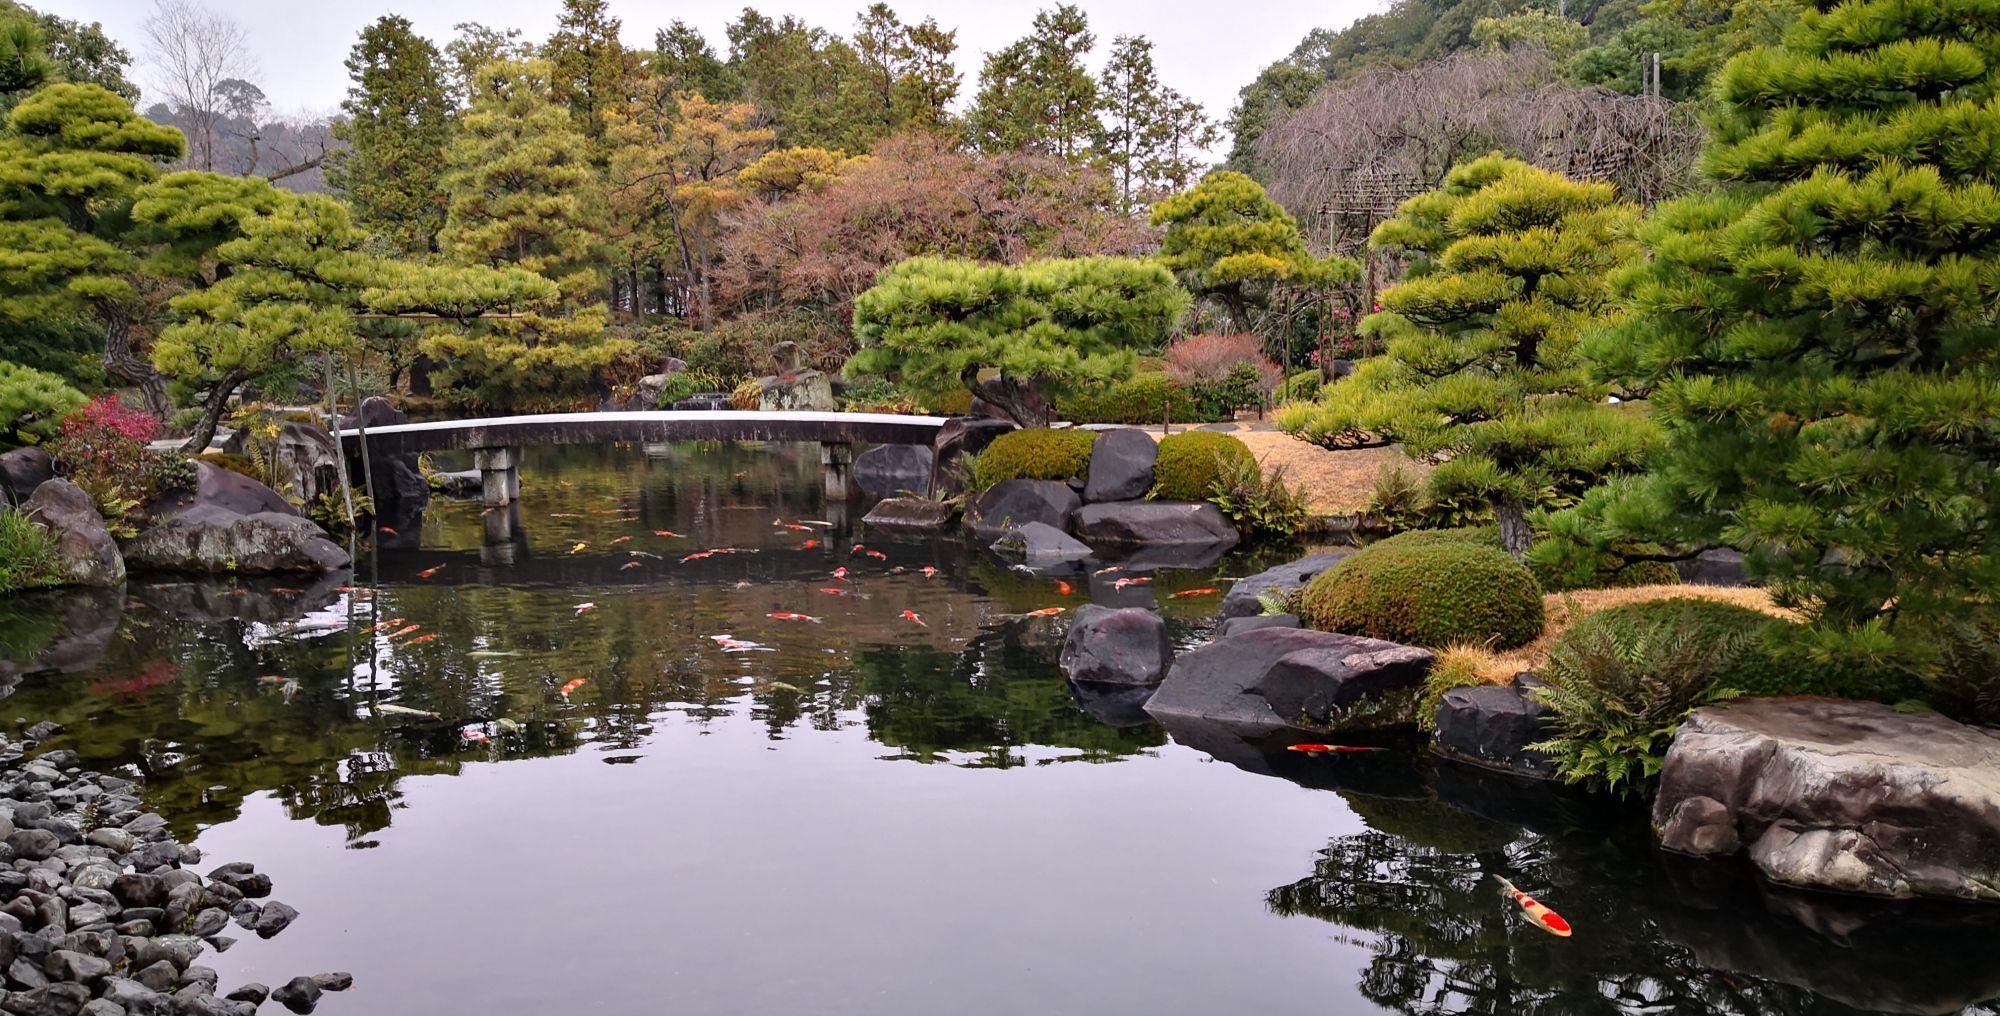 冬天访日,既无樱花也无红叶,看日式园林有何特征